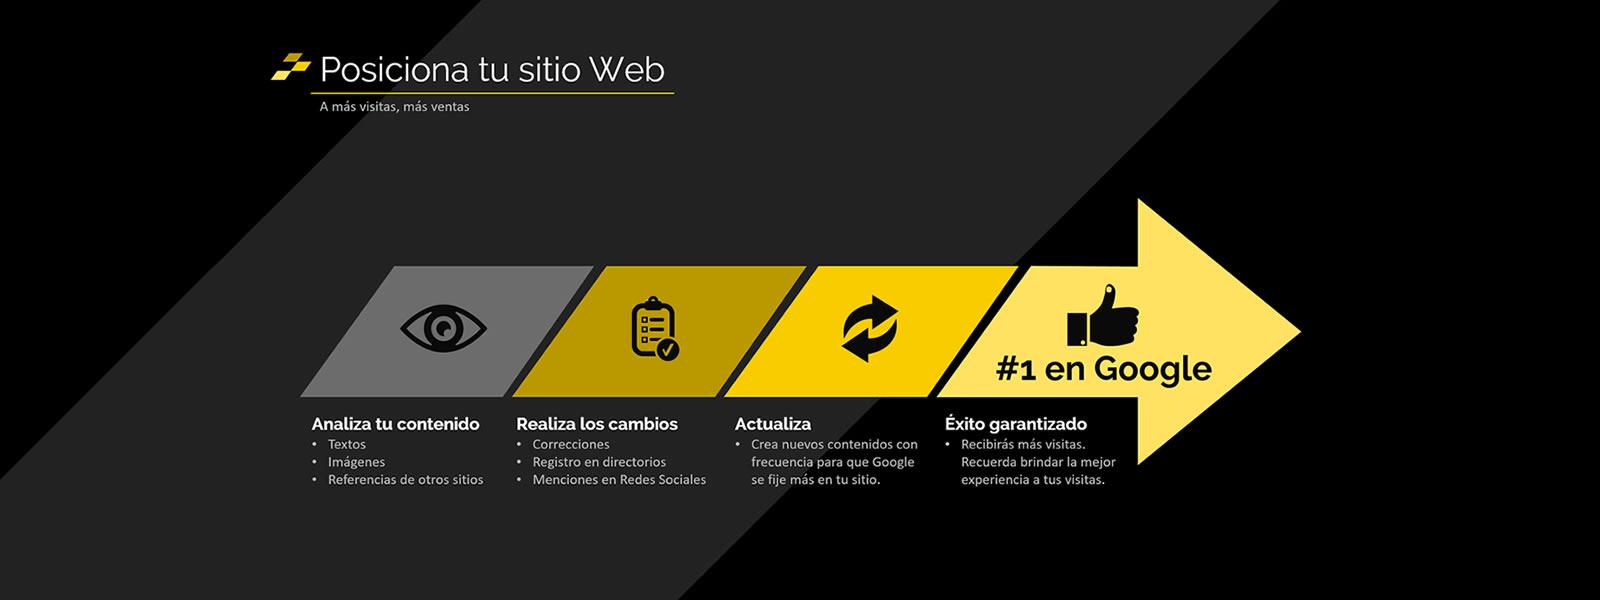 Análisis Web en Ecuador, el primer paso del SEO